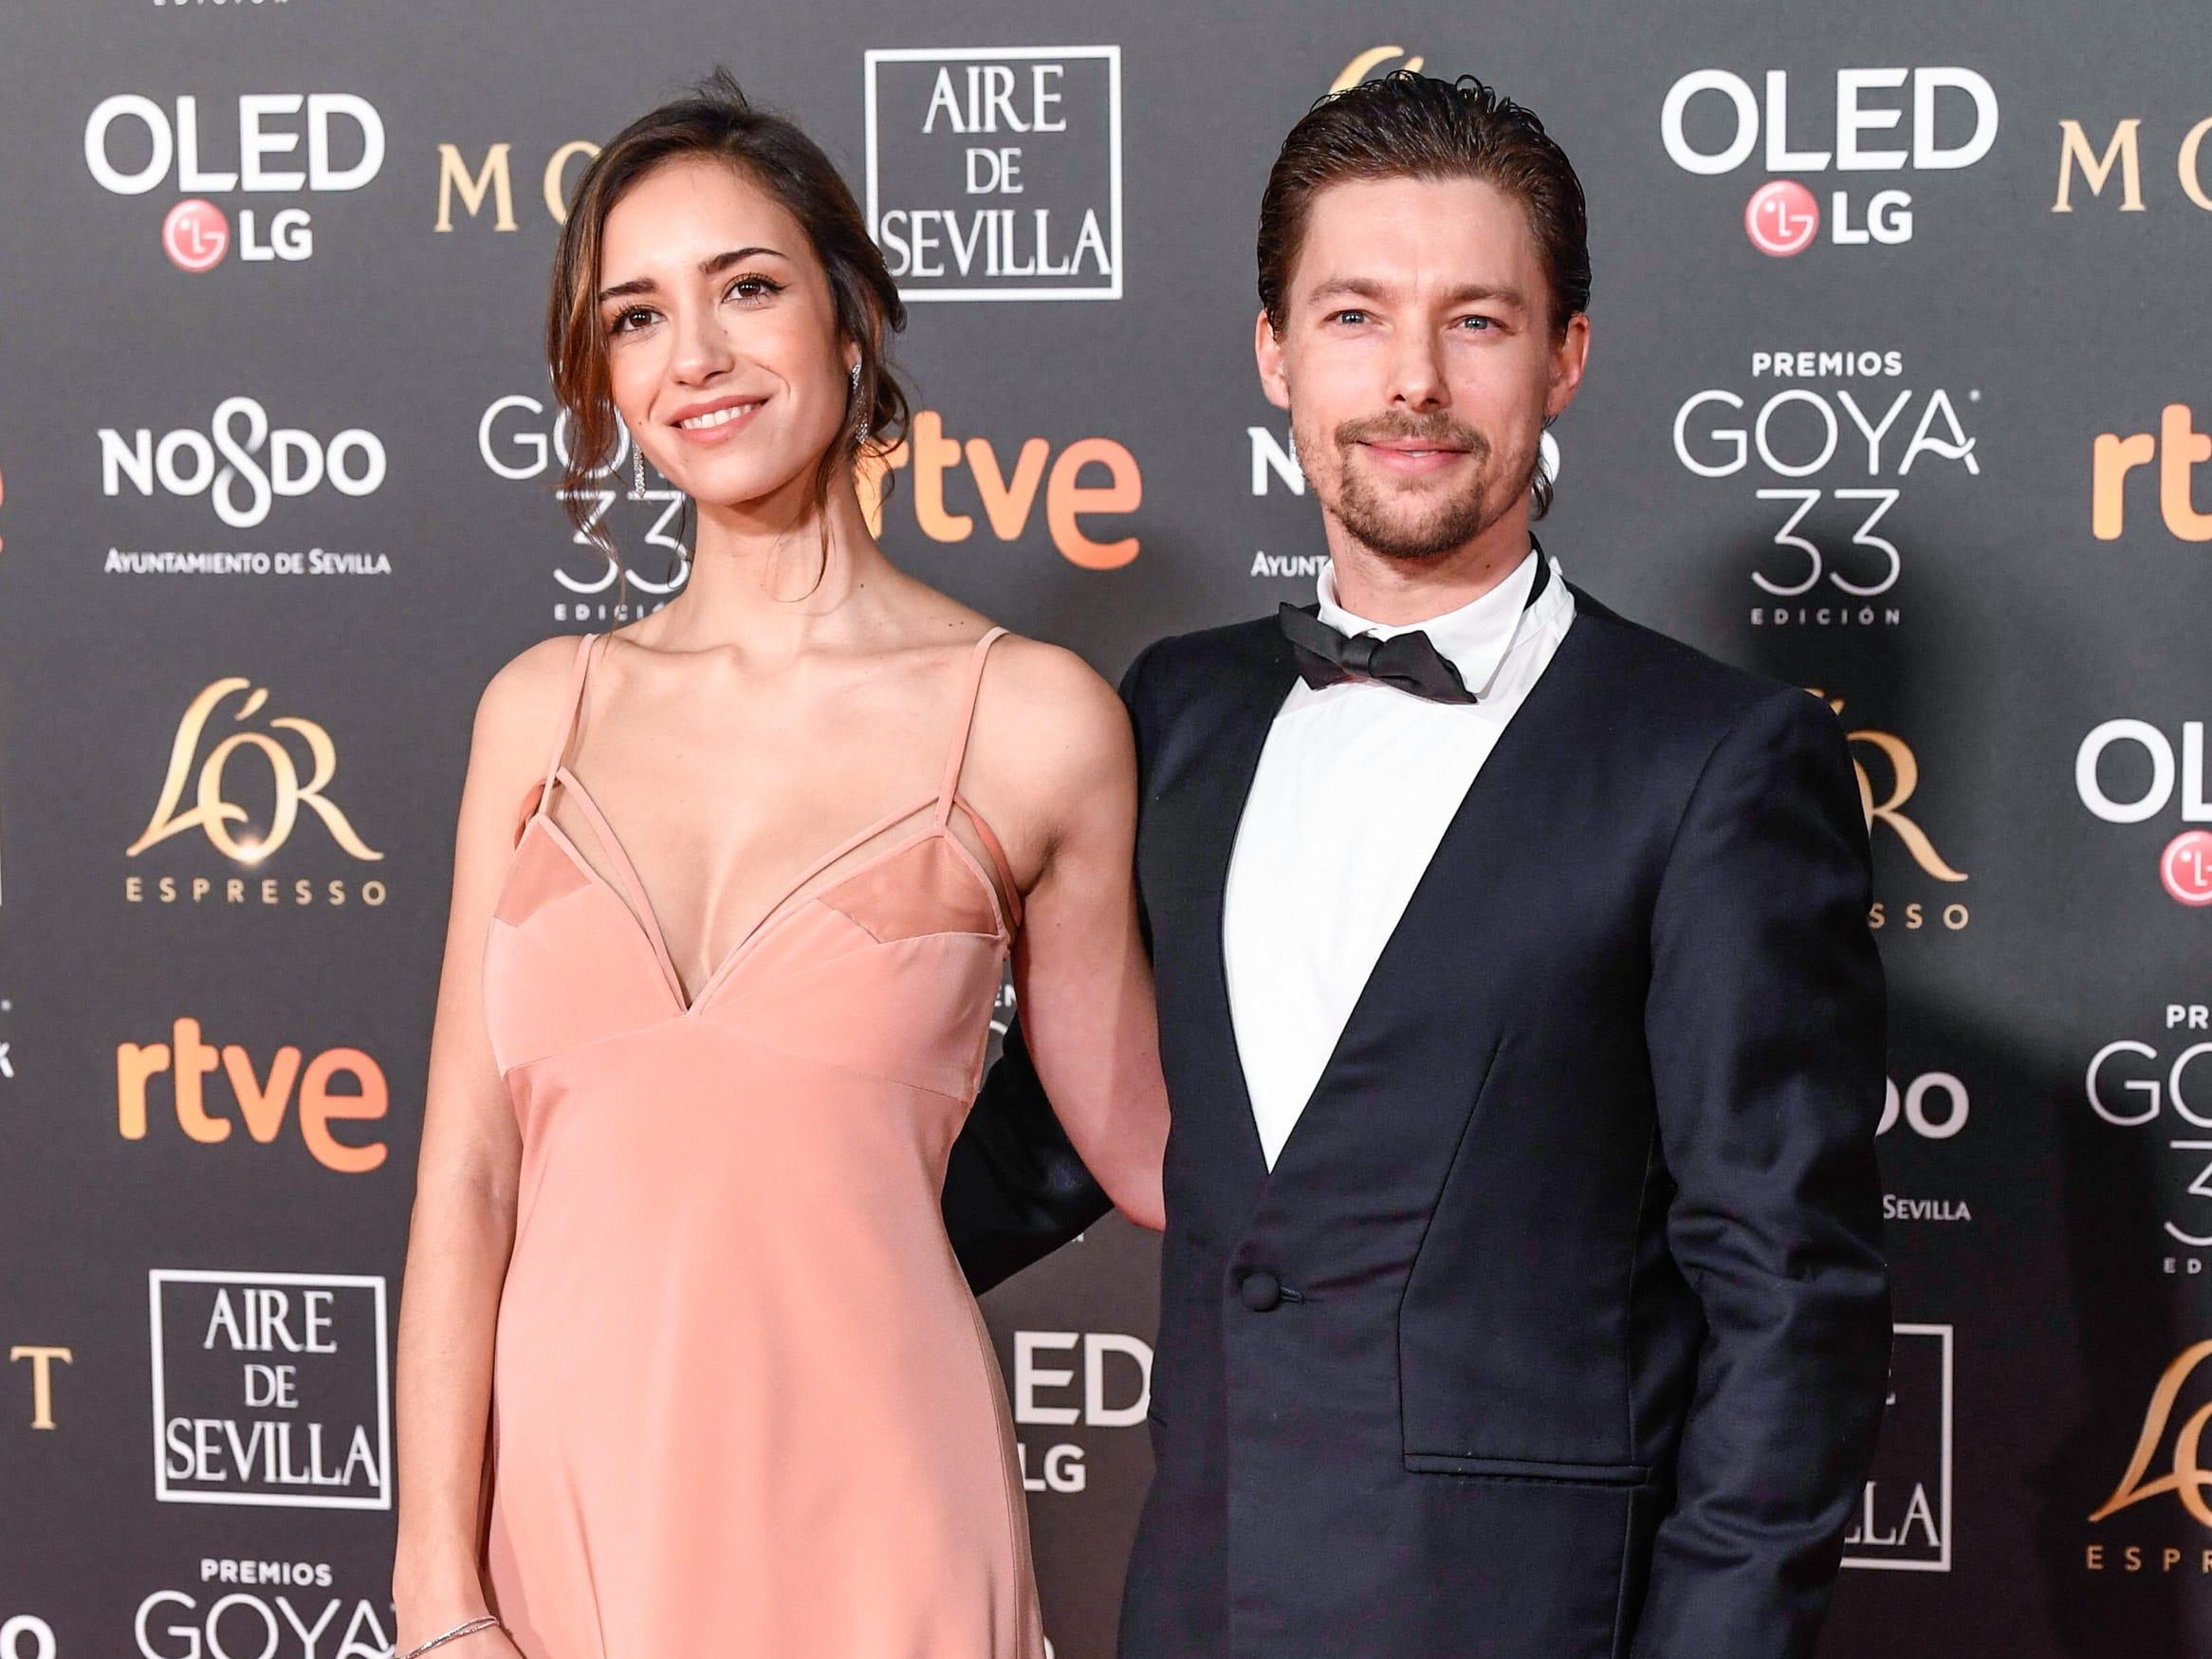 Jan Cornet y Tábata Cerezo asisten a la 33ª edición de los Premios de Cine Goya en el Palacio de Congresos y Exposiciones FIBES el 2 de febrero de 2019 en Sevilla, España.